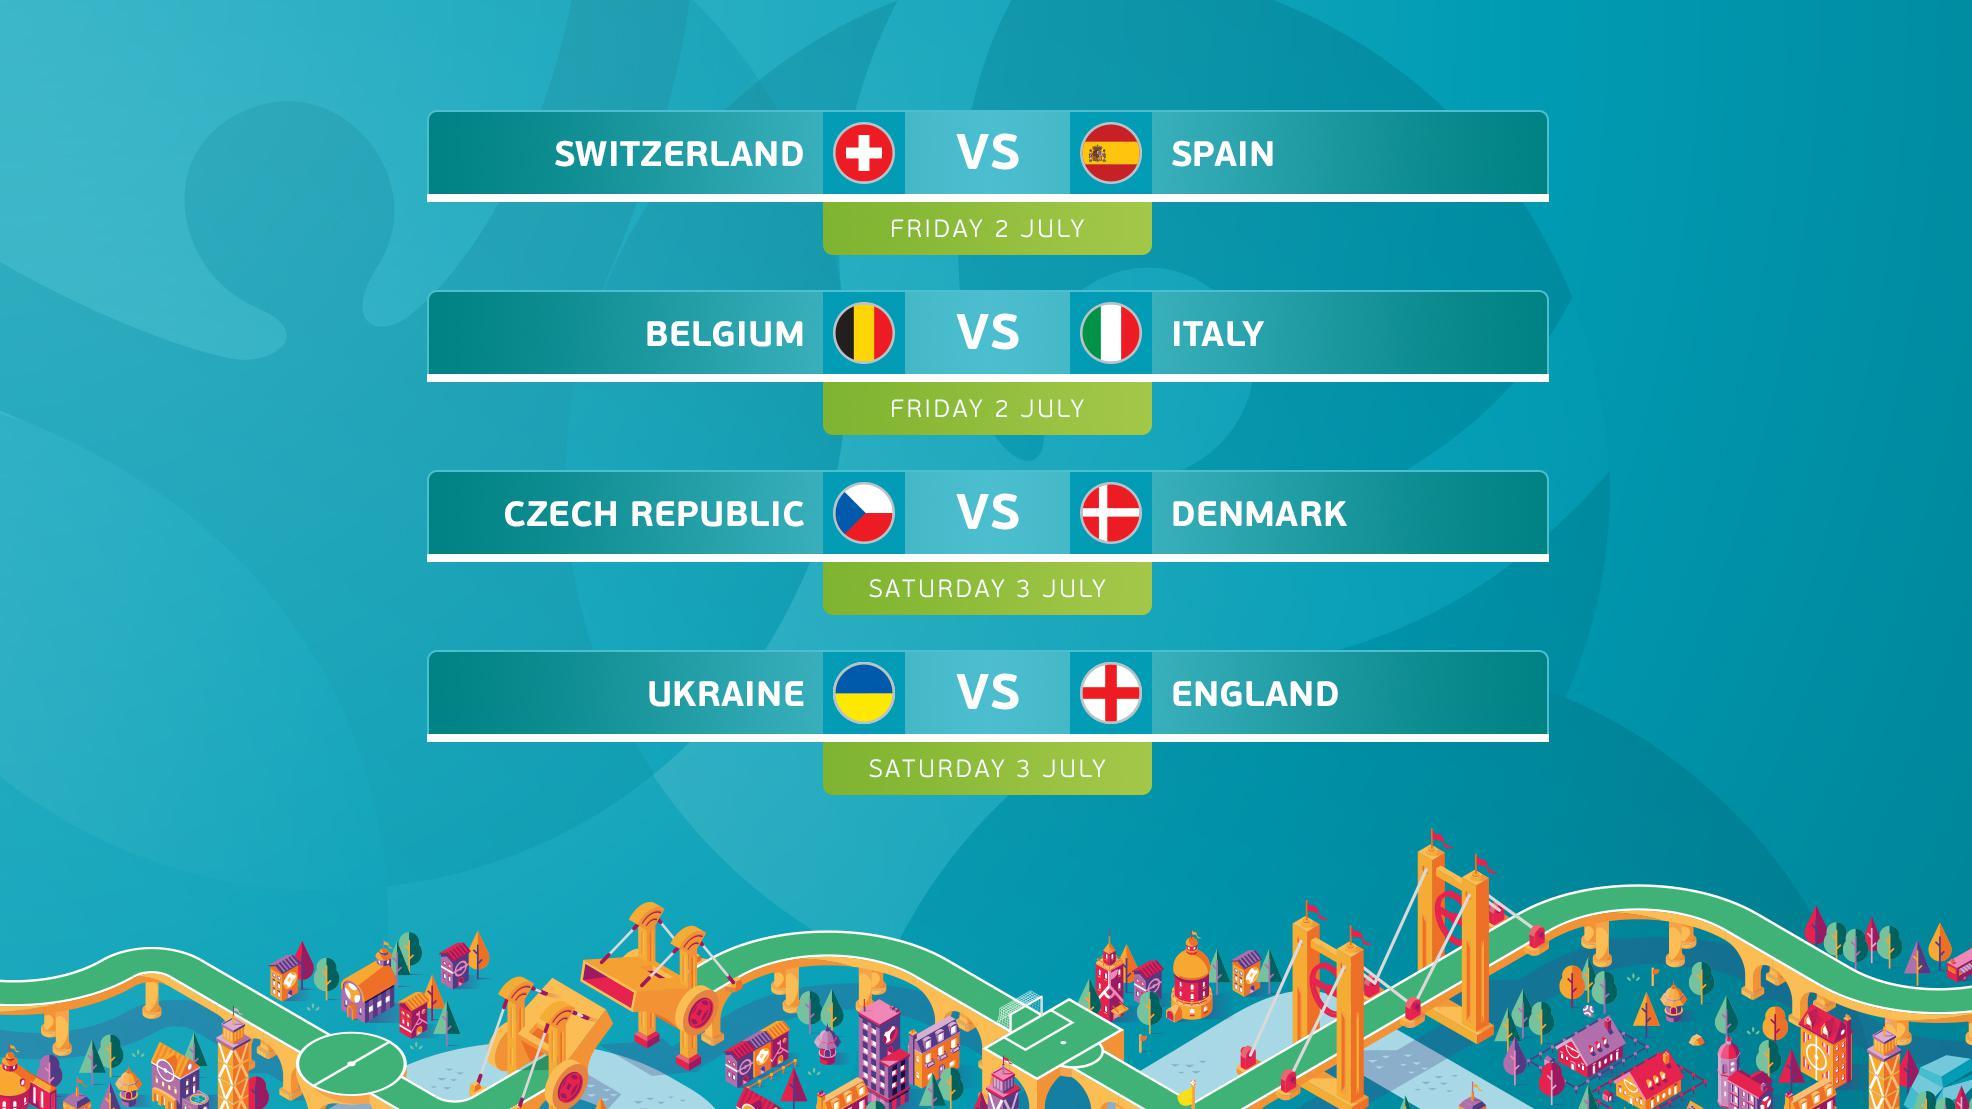 UEFA EURO 2020 Quarter Finals